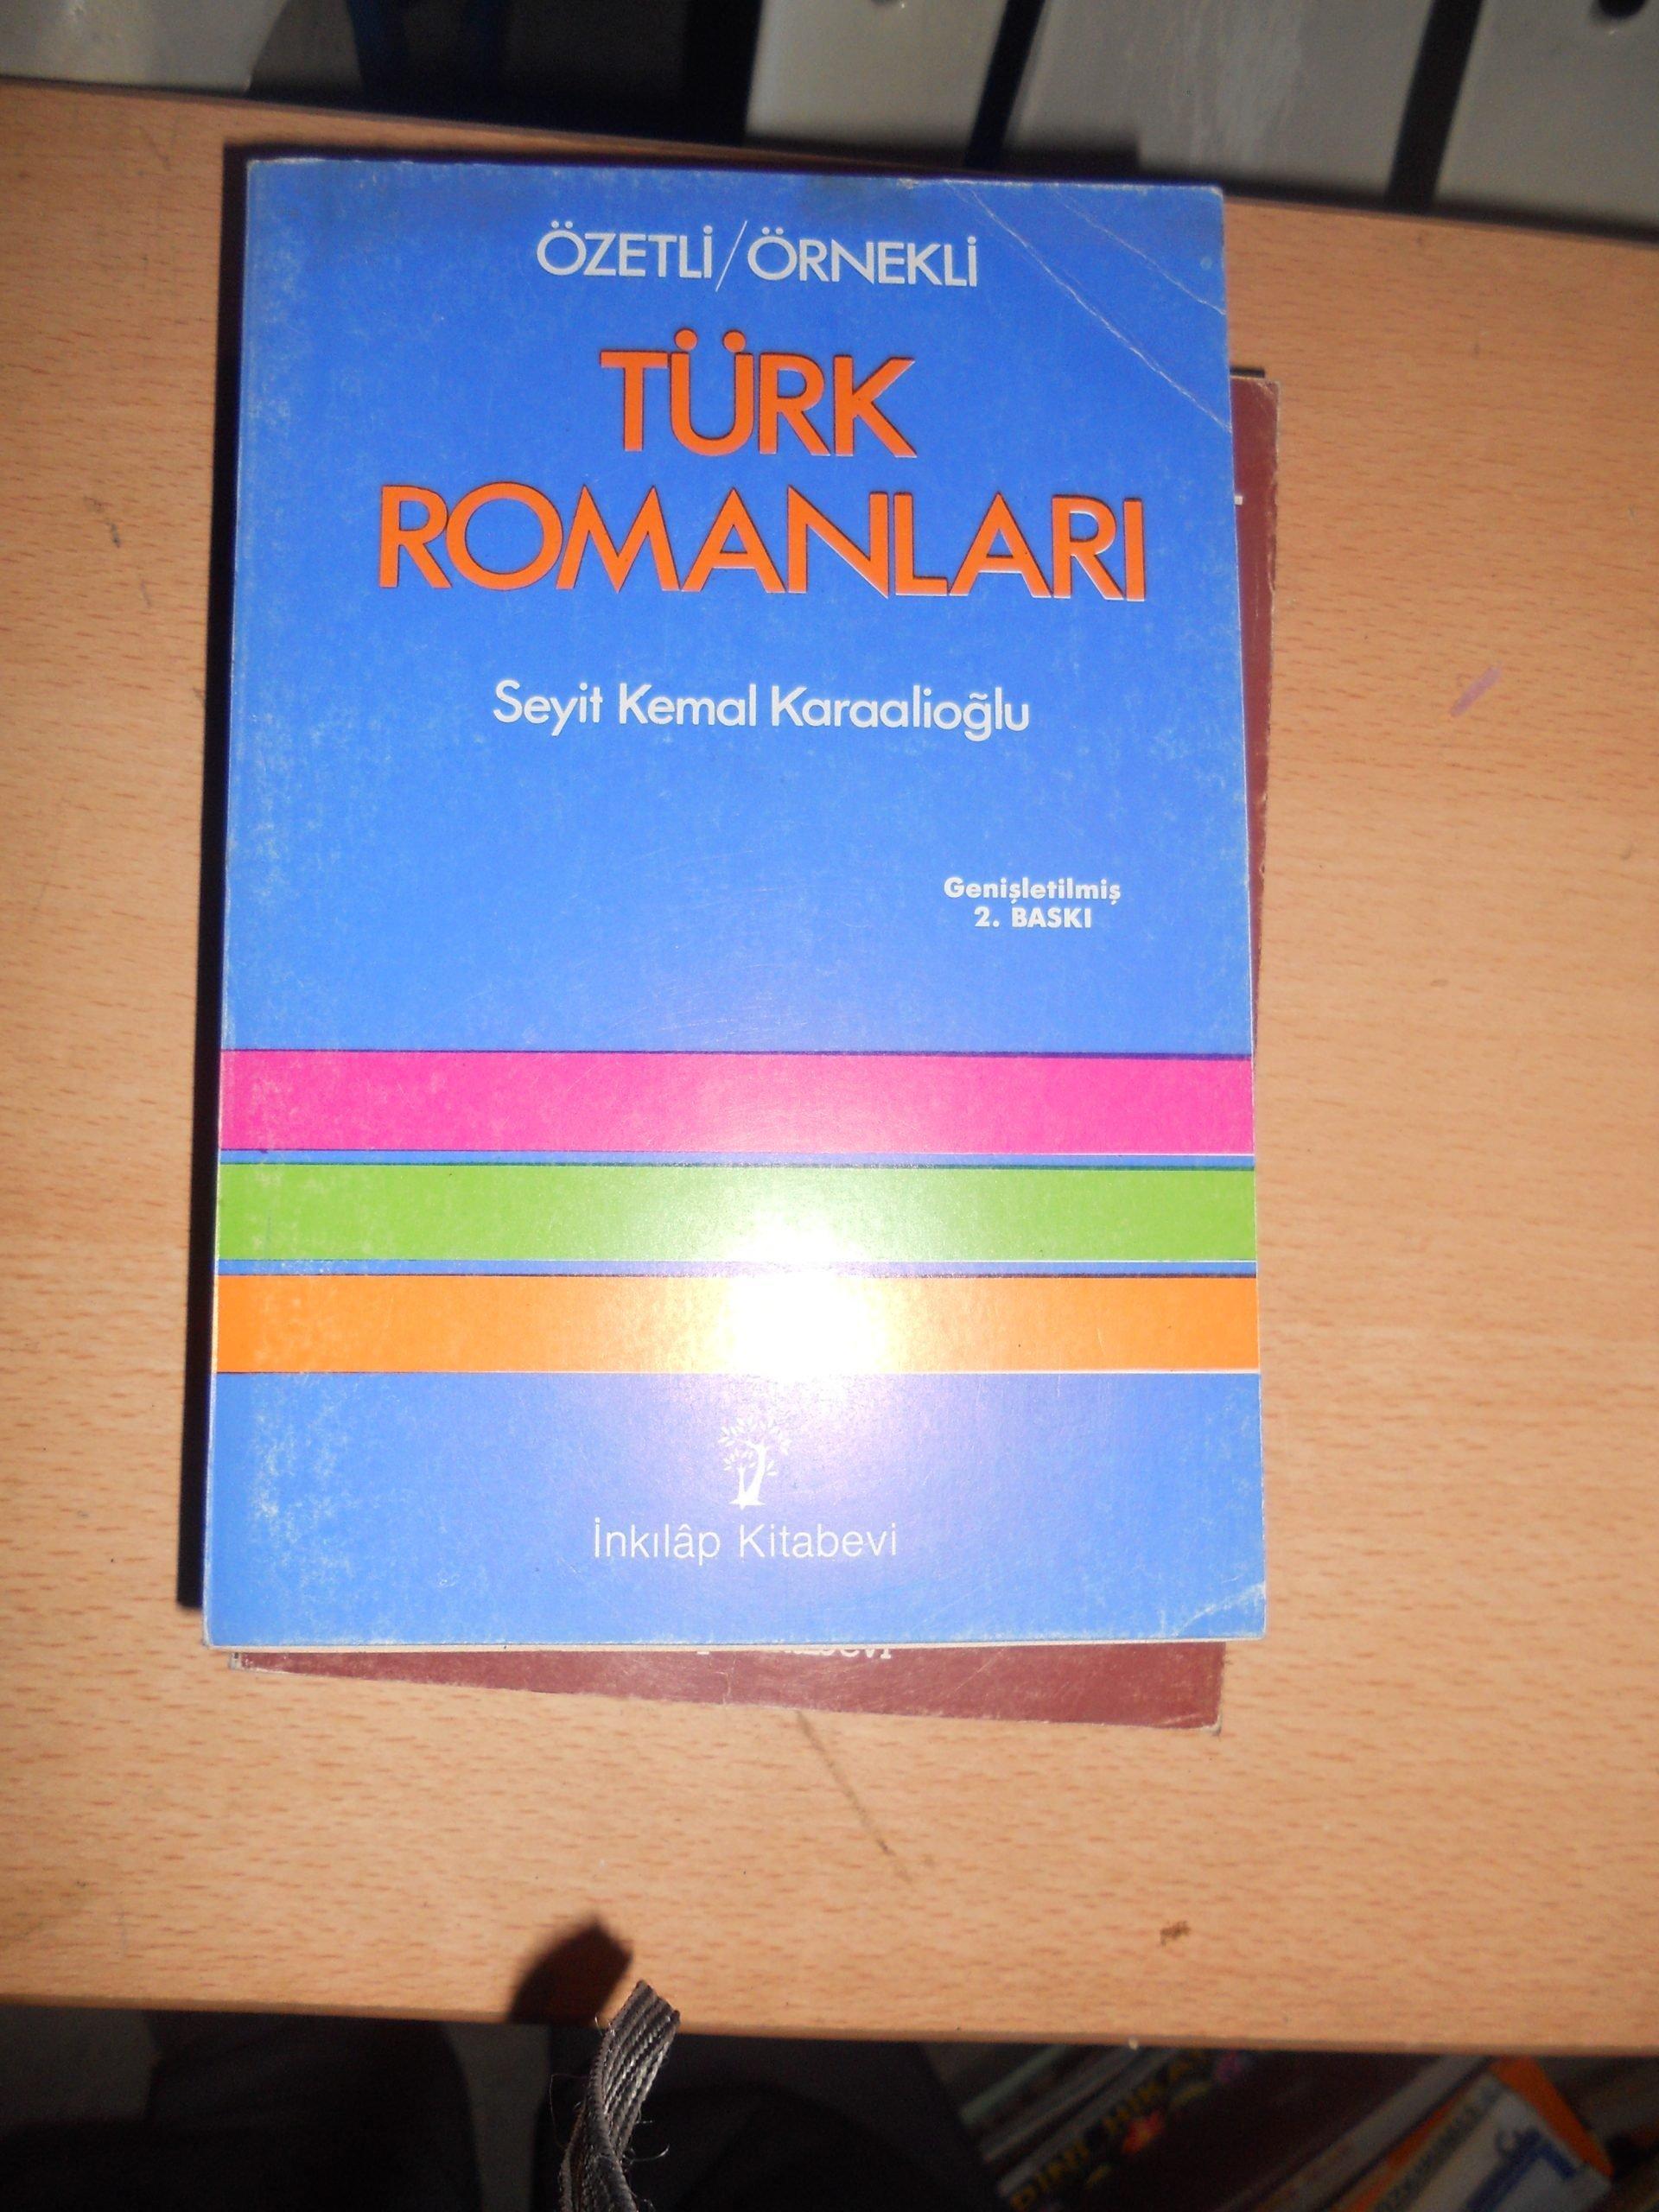 Özetli-Örnekli TÜRK ROMANLARI/Seyit Kemal Karaalioğlu/ 10 TL